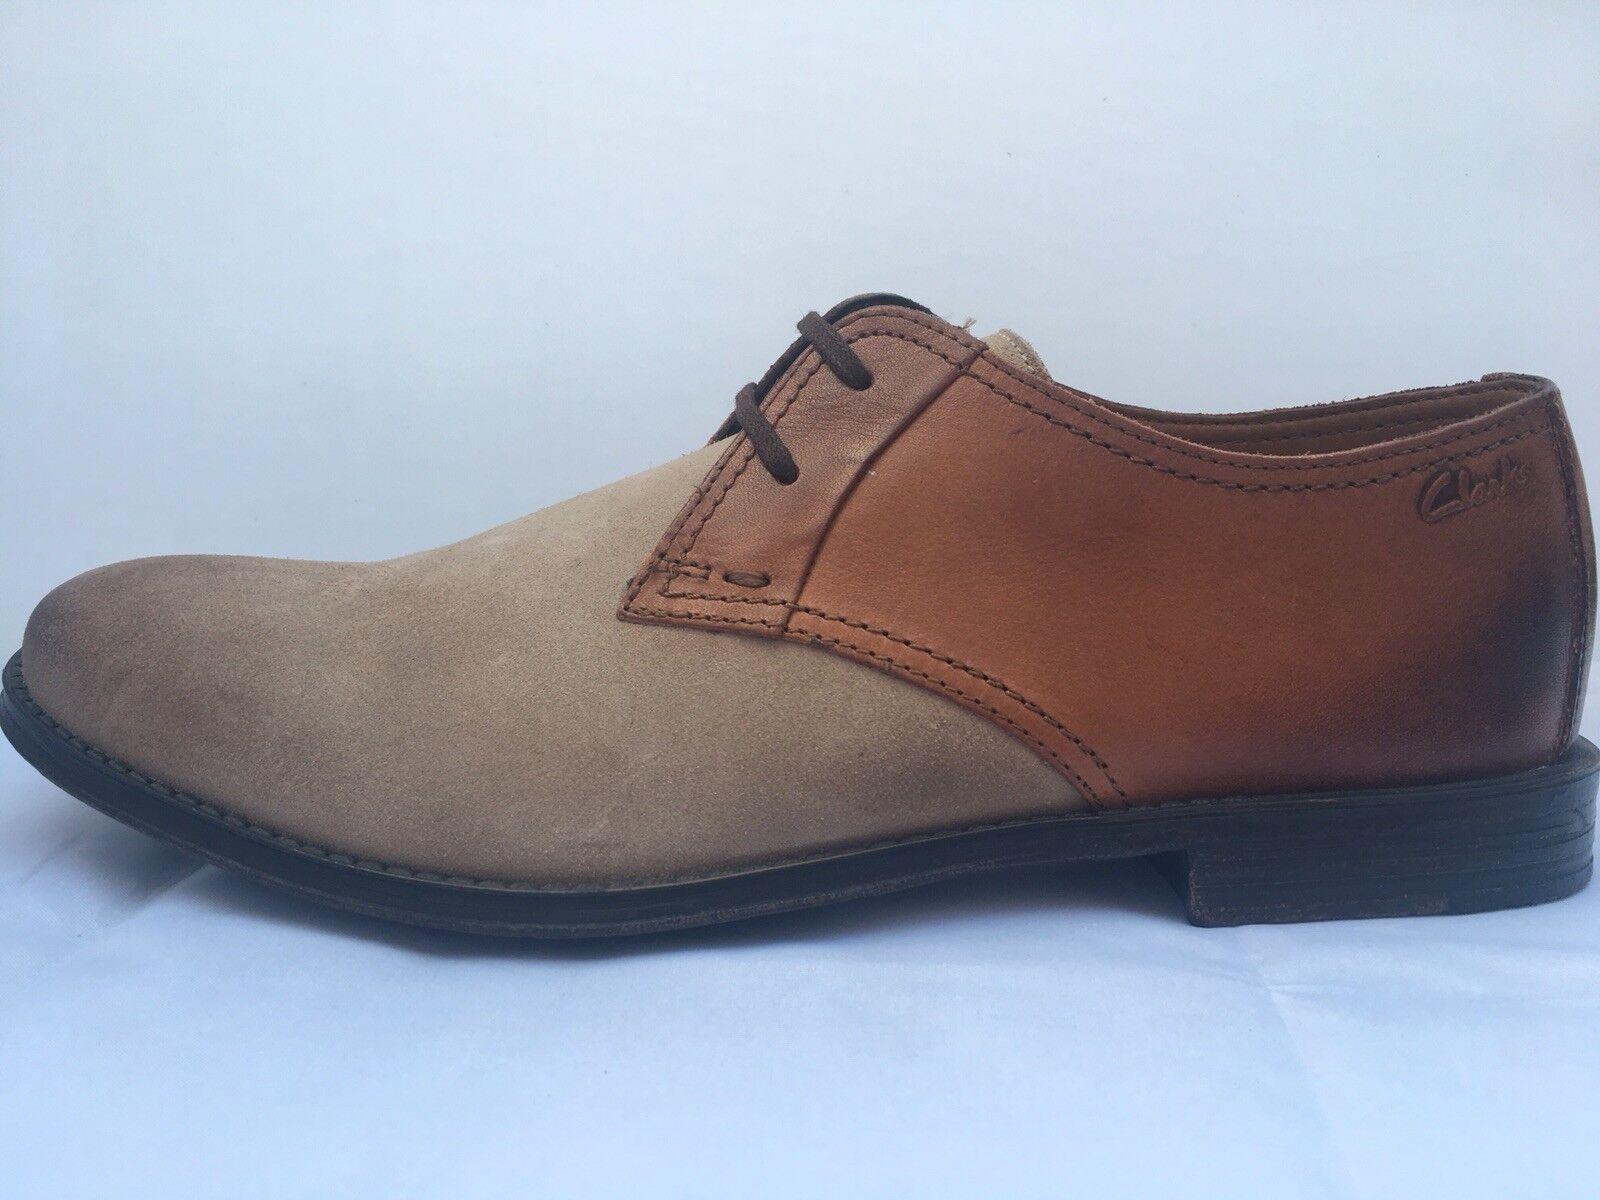 Clarks 'Hawkley Walk' Wolf Combination Men Shoes, Size 10G